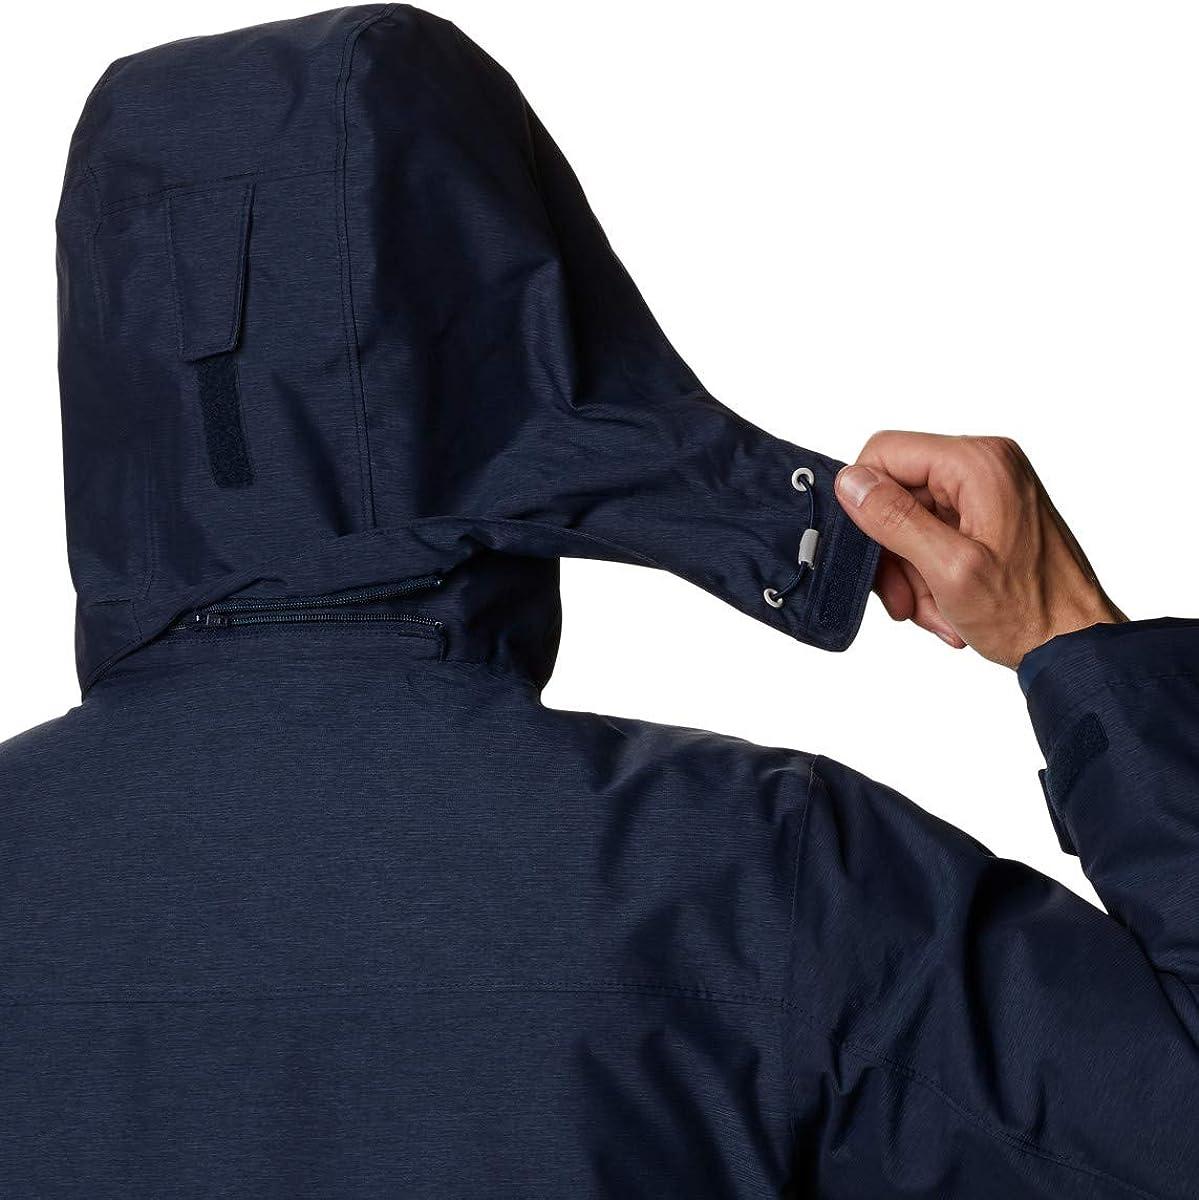 Columbia Men's Cloverdale Interchange Jacket